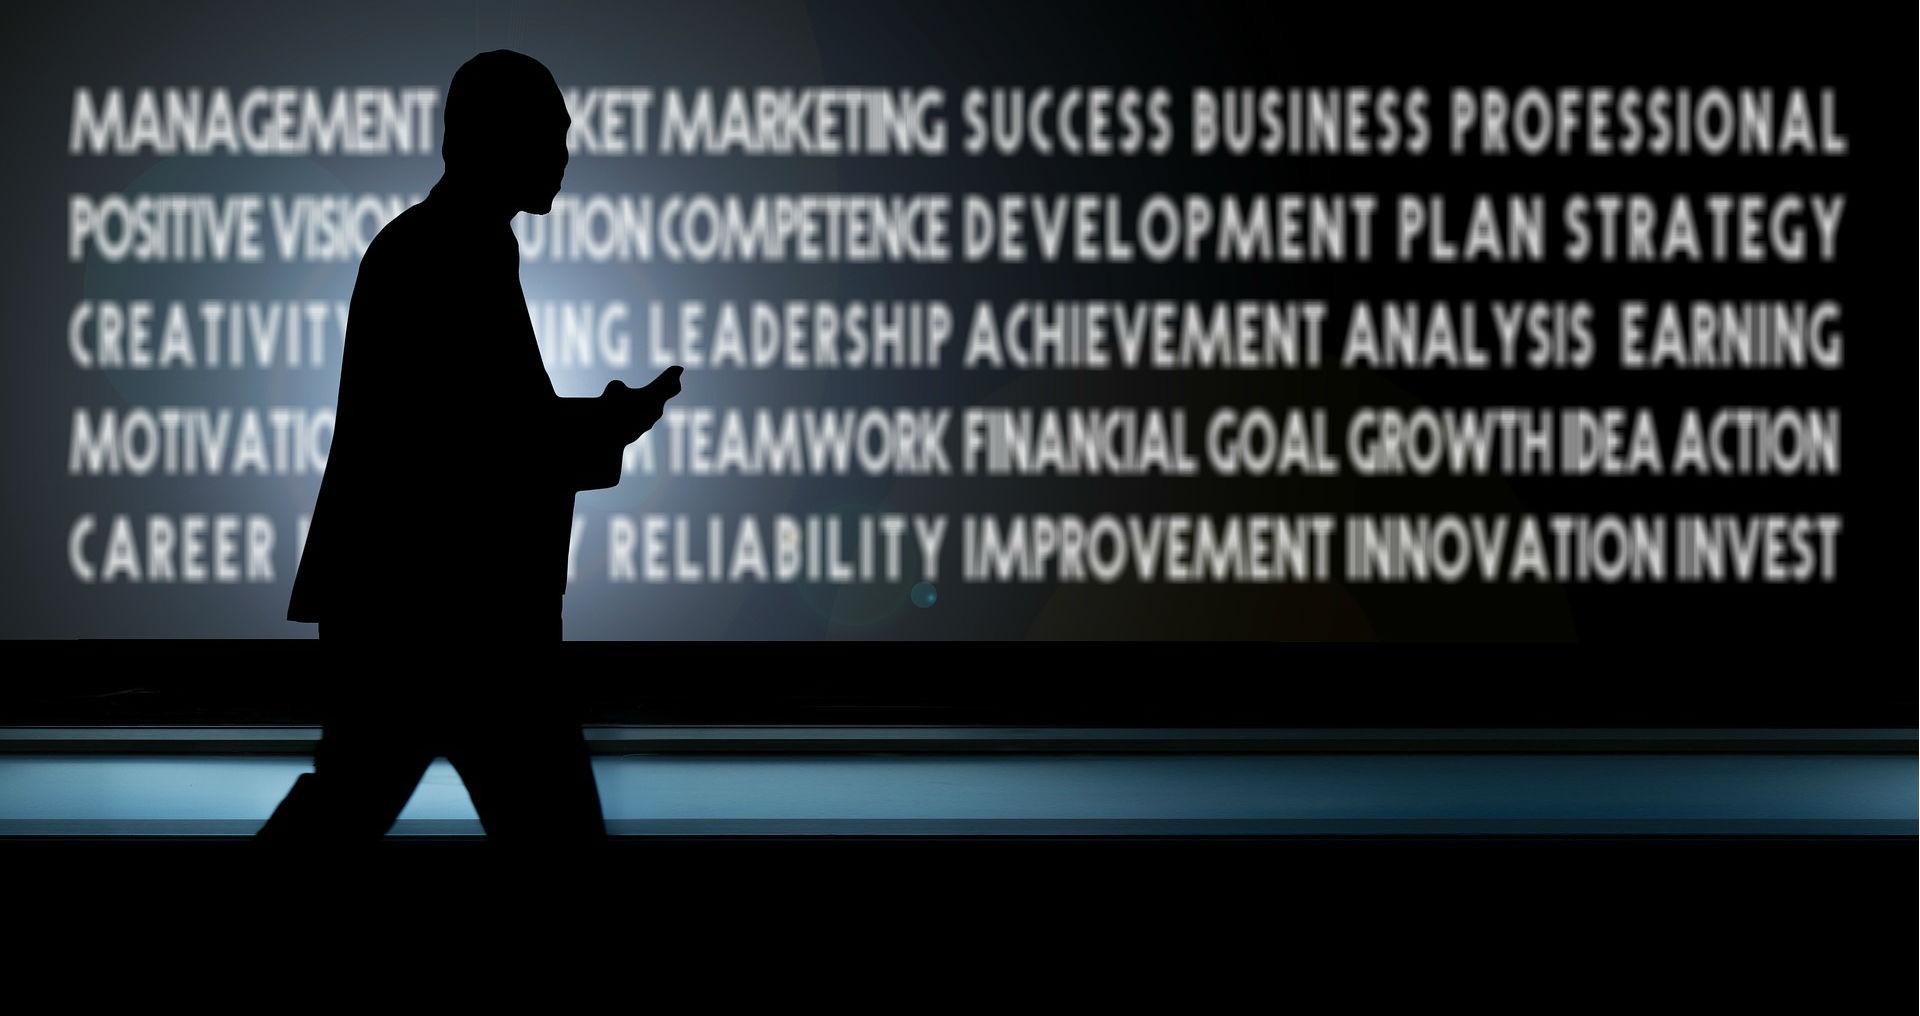 modelos de negocio innovacion